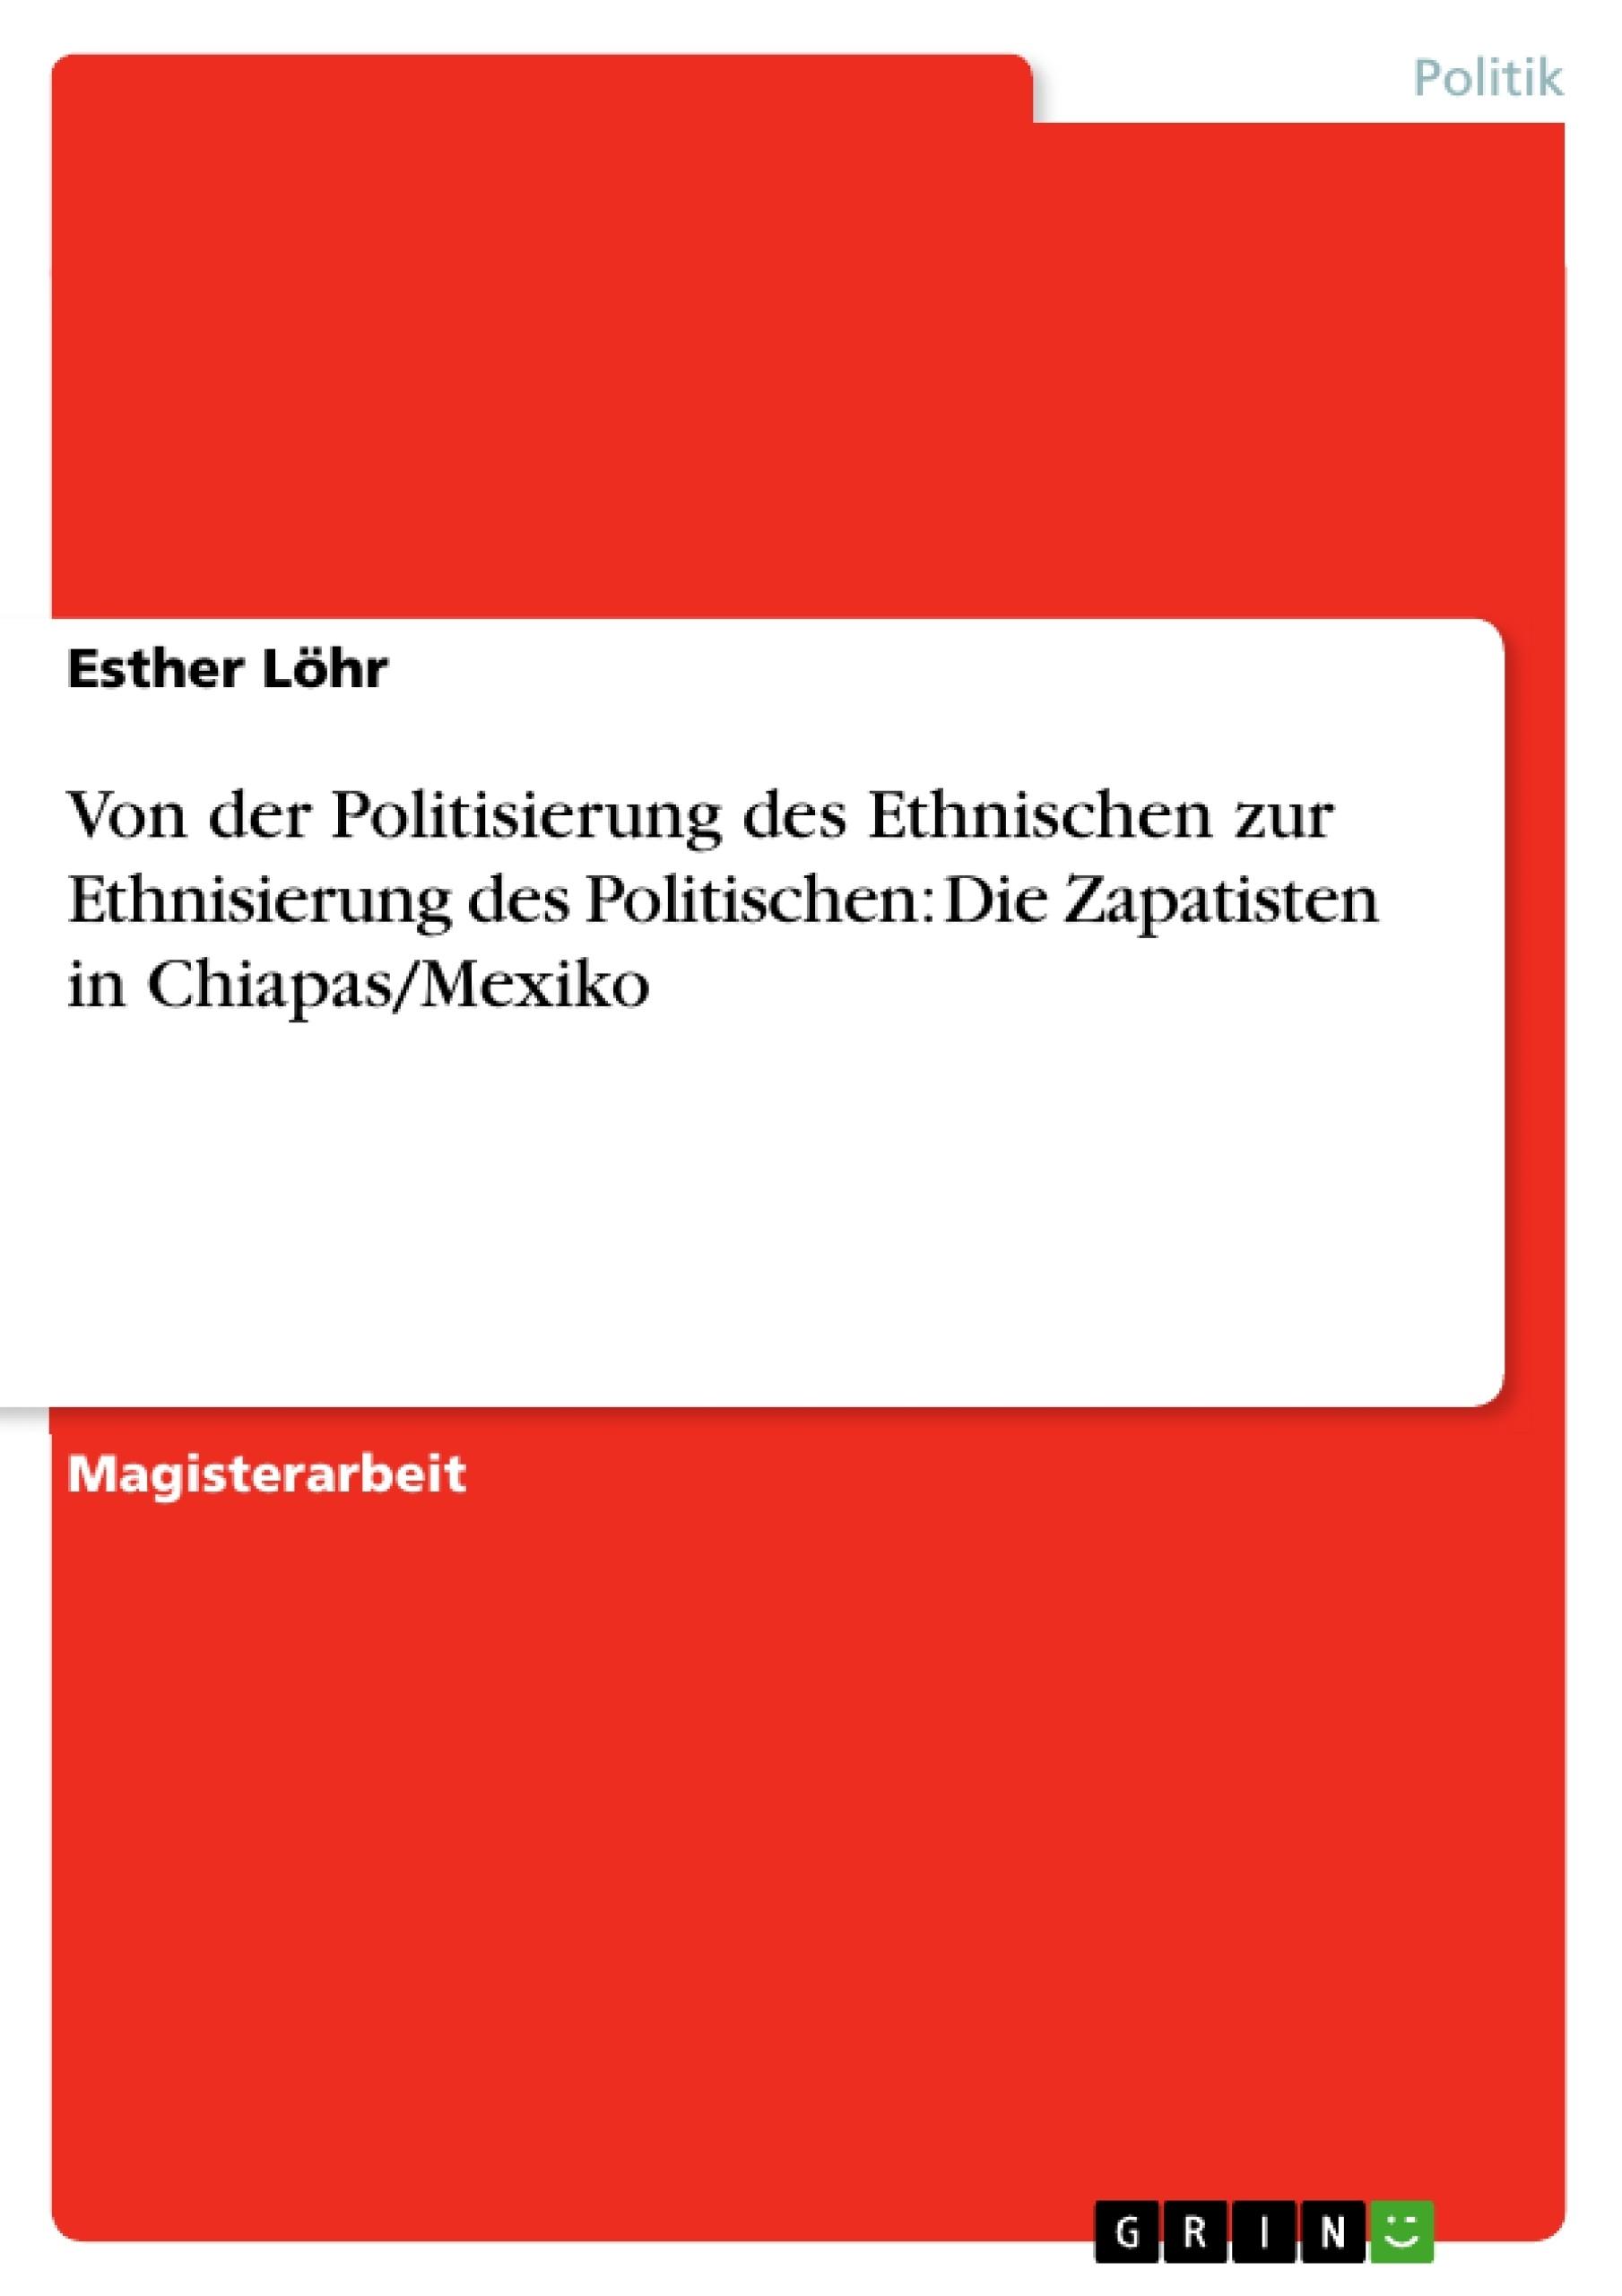 Titel: Von der Politisierung des Ethnischen zur Ethnisierung des Politischen: Die Zapatisten in Chiapas/Mexiko